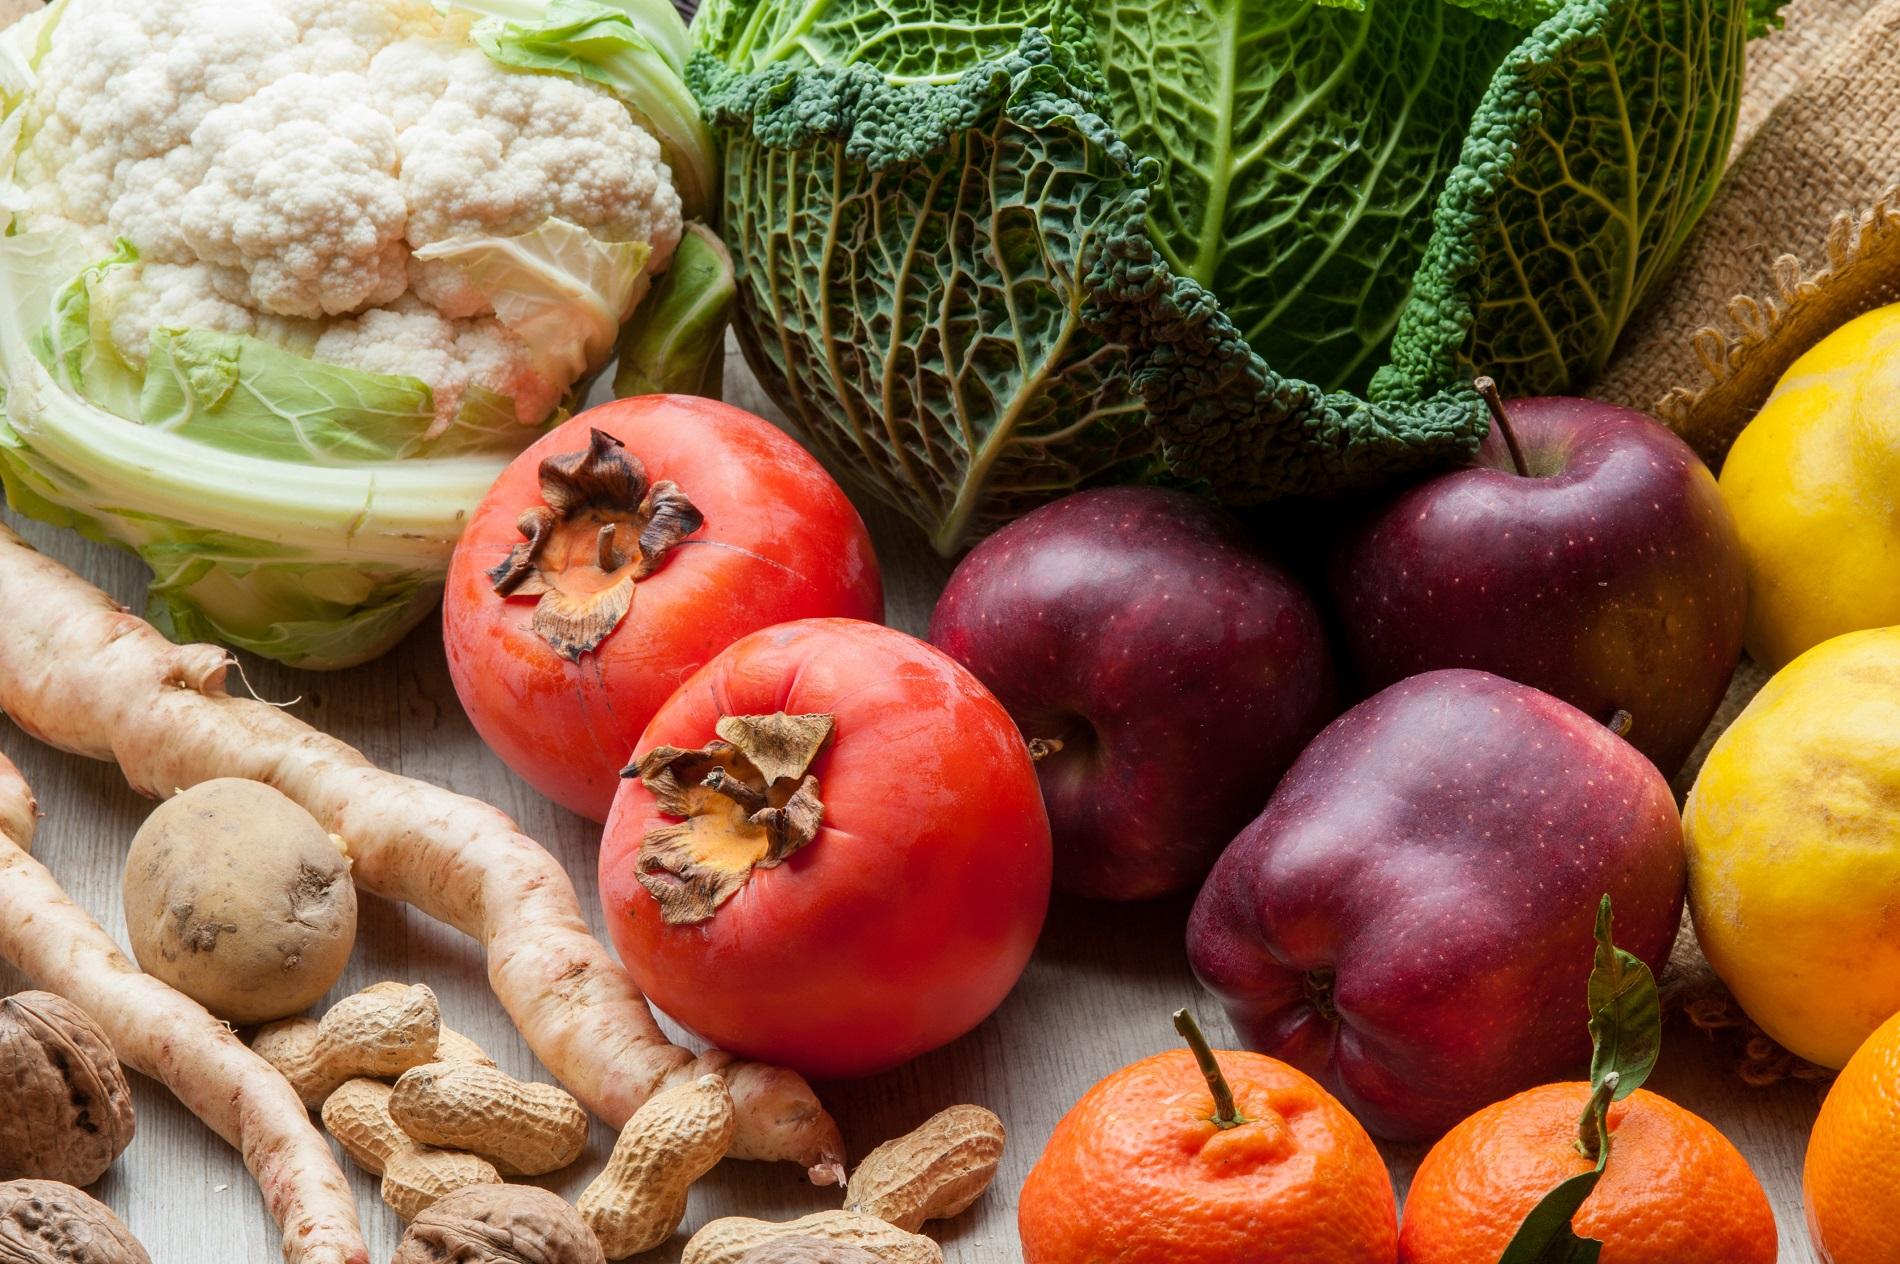 ¿Por qué es preferible consumir frutas y verduras de temporada?